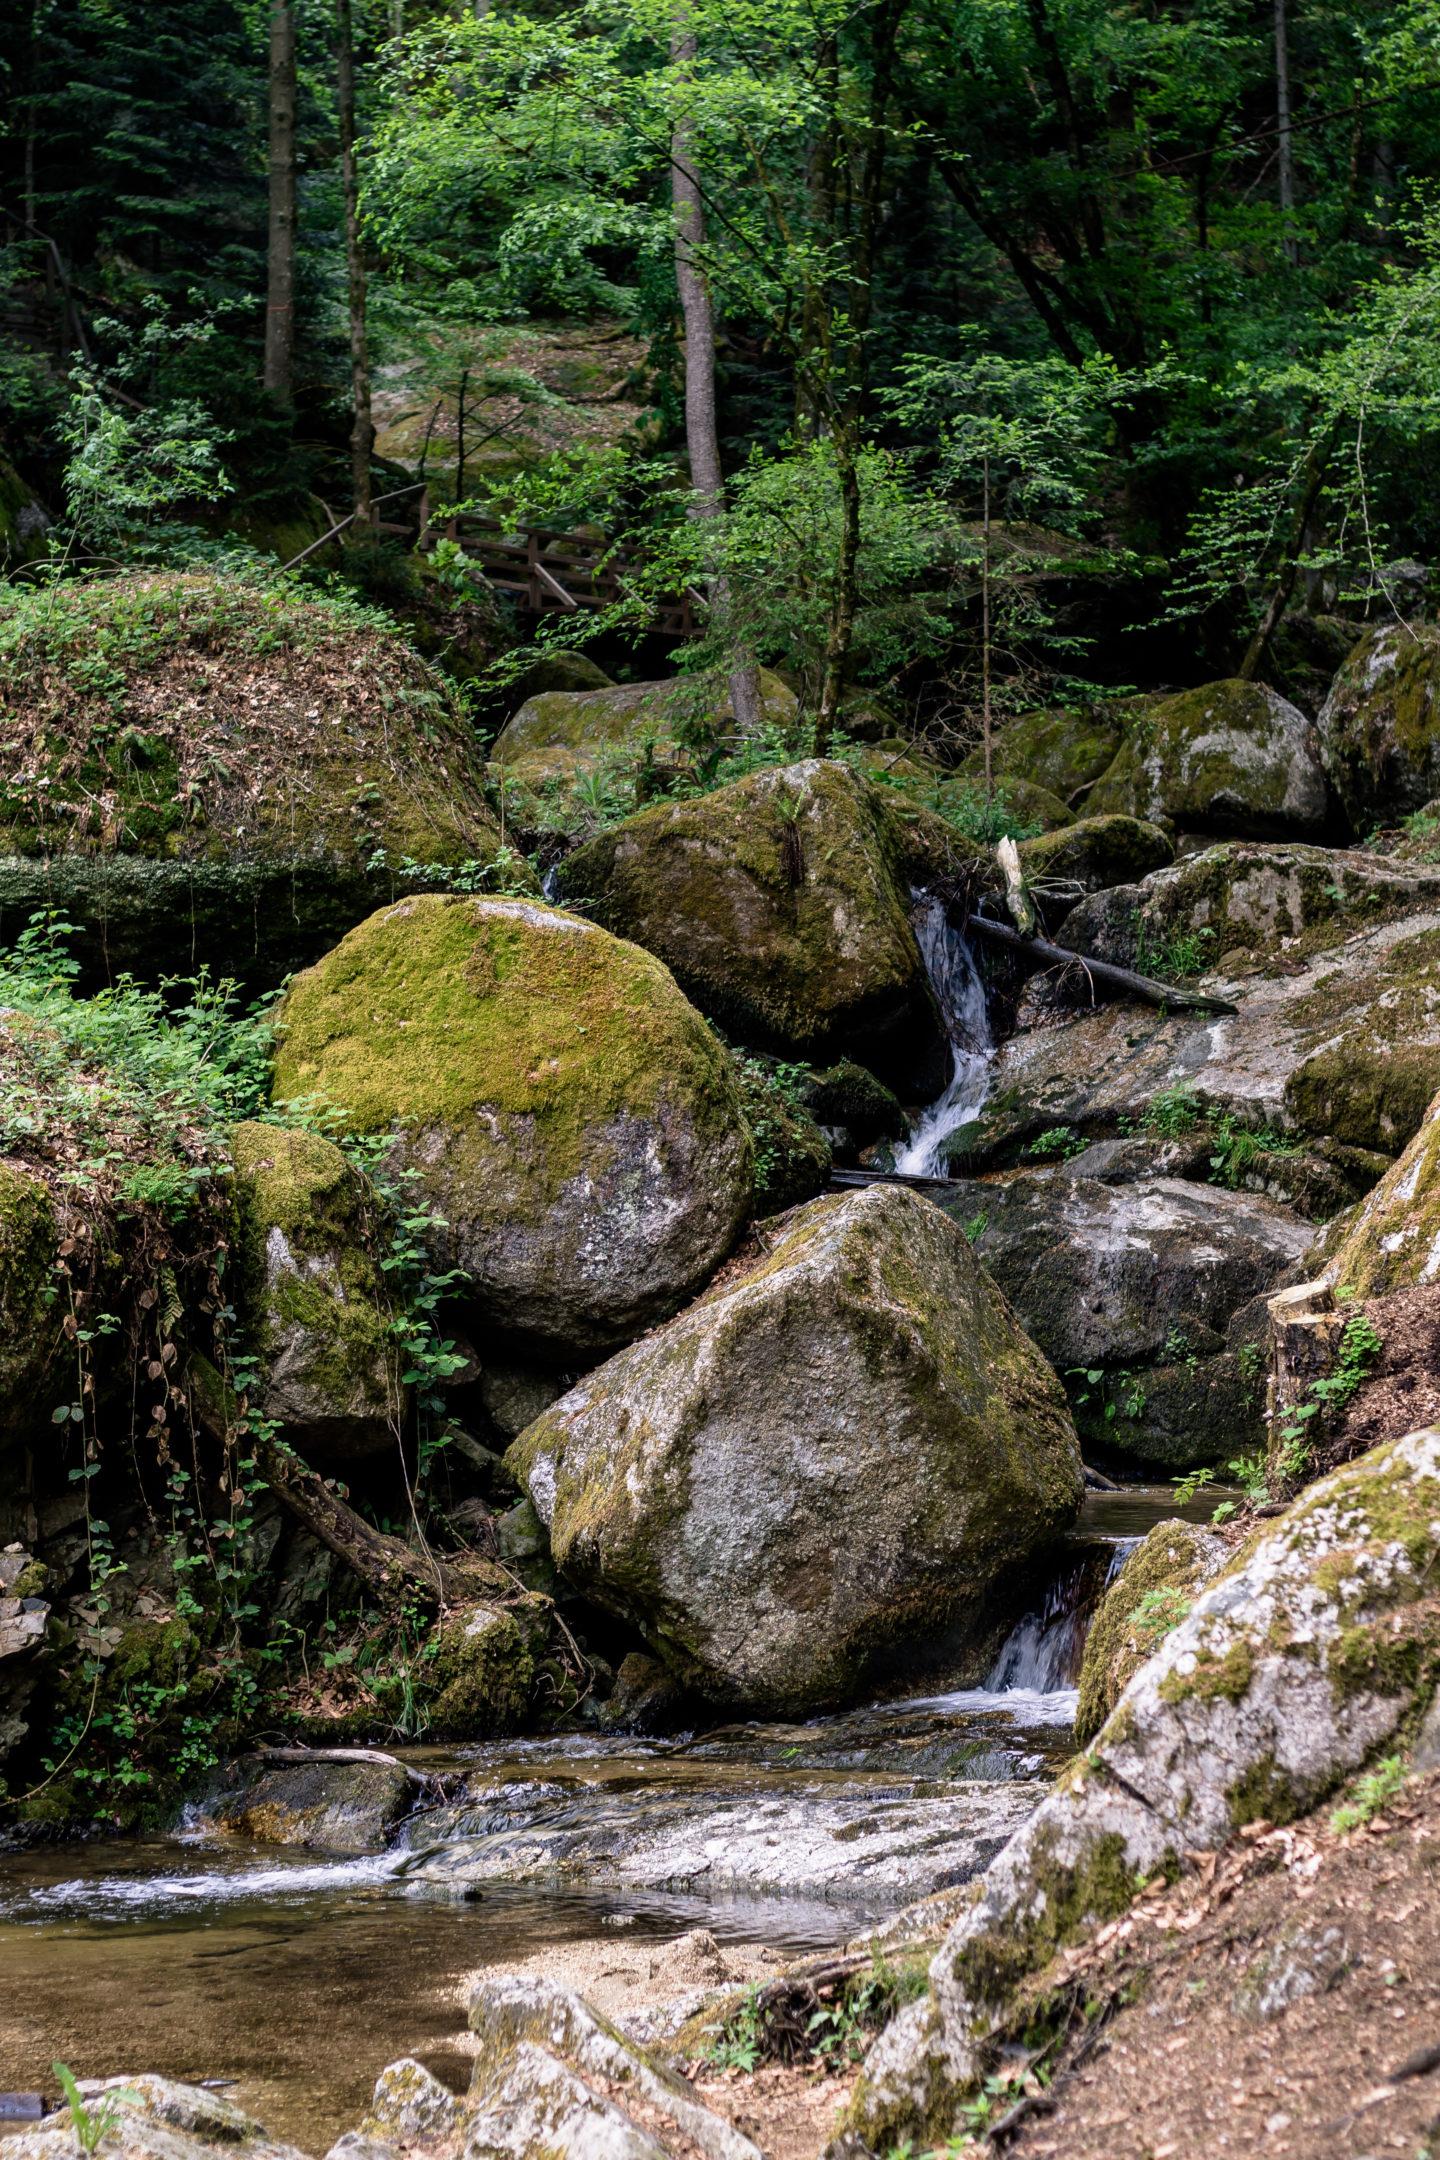 Die Wolfsschlucht in Bad Kreuzen - Eine mystische Felsenschlucht voller Abenteuer!